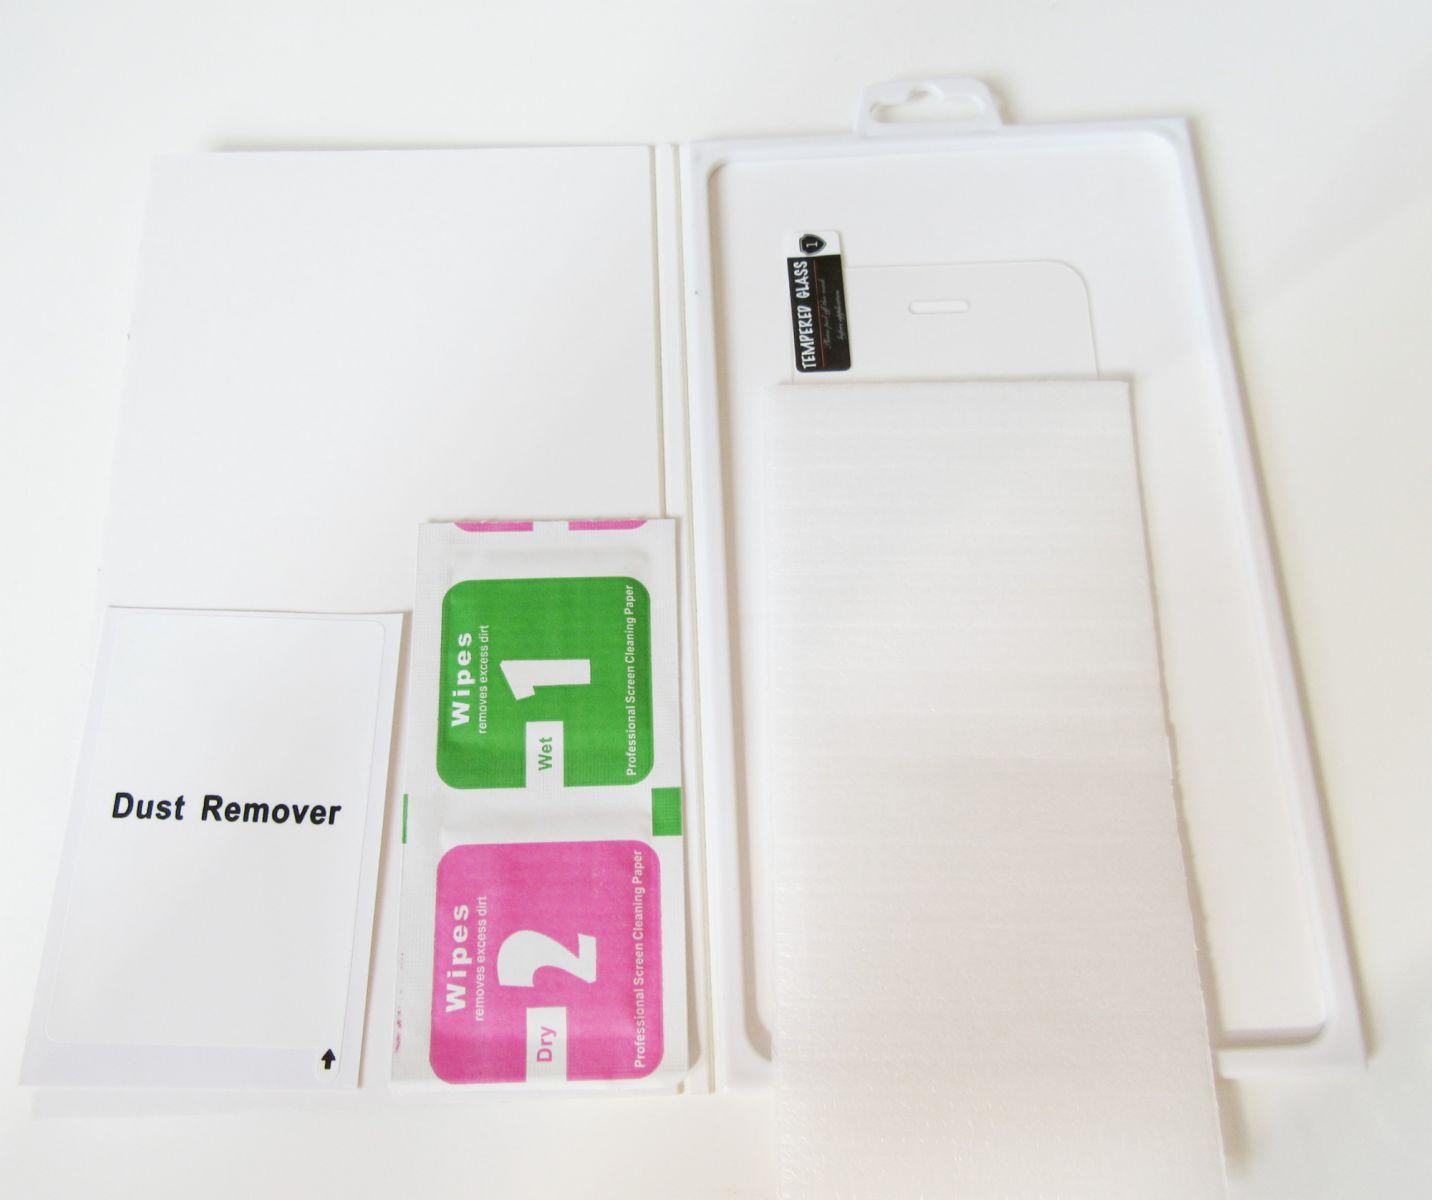 Ochranné tvrzené sklo na displej iPhone 5s 5c a 5